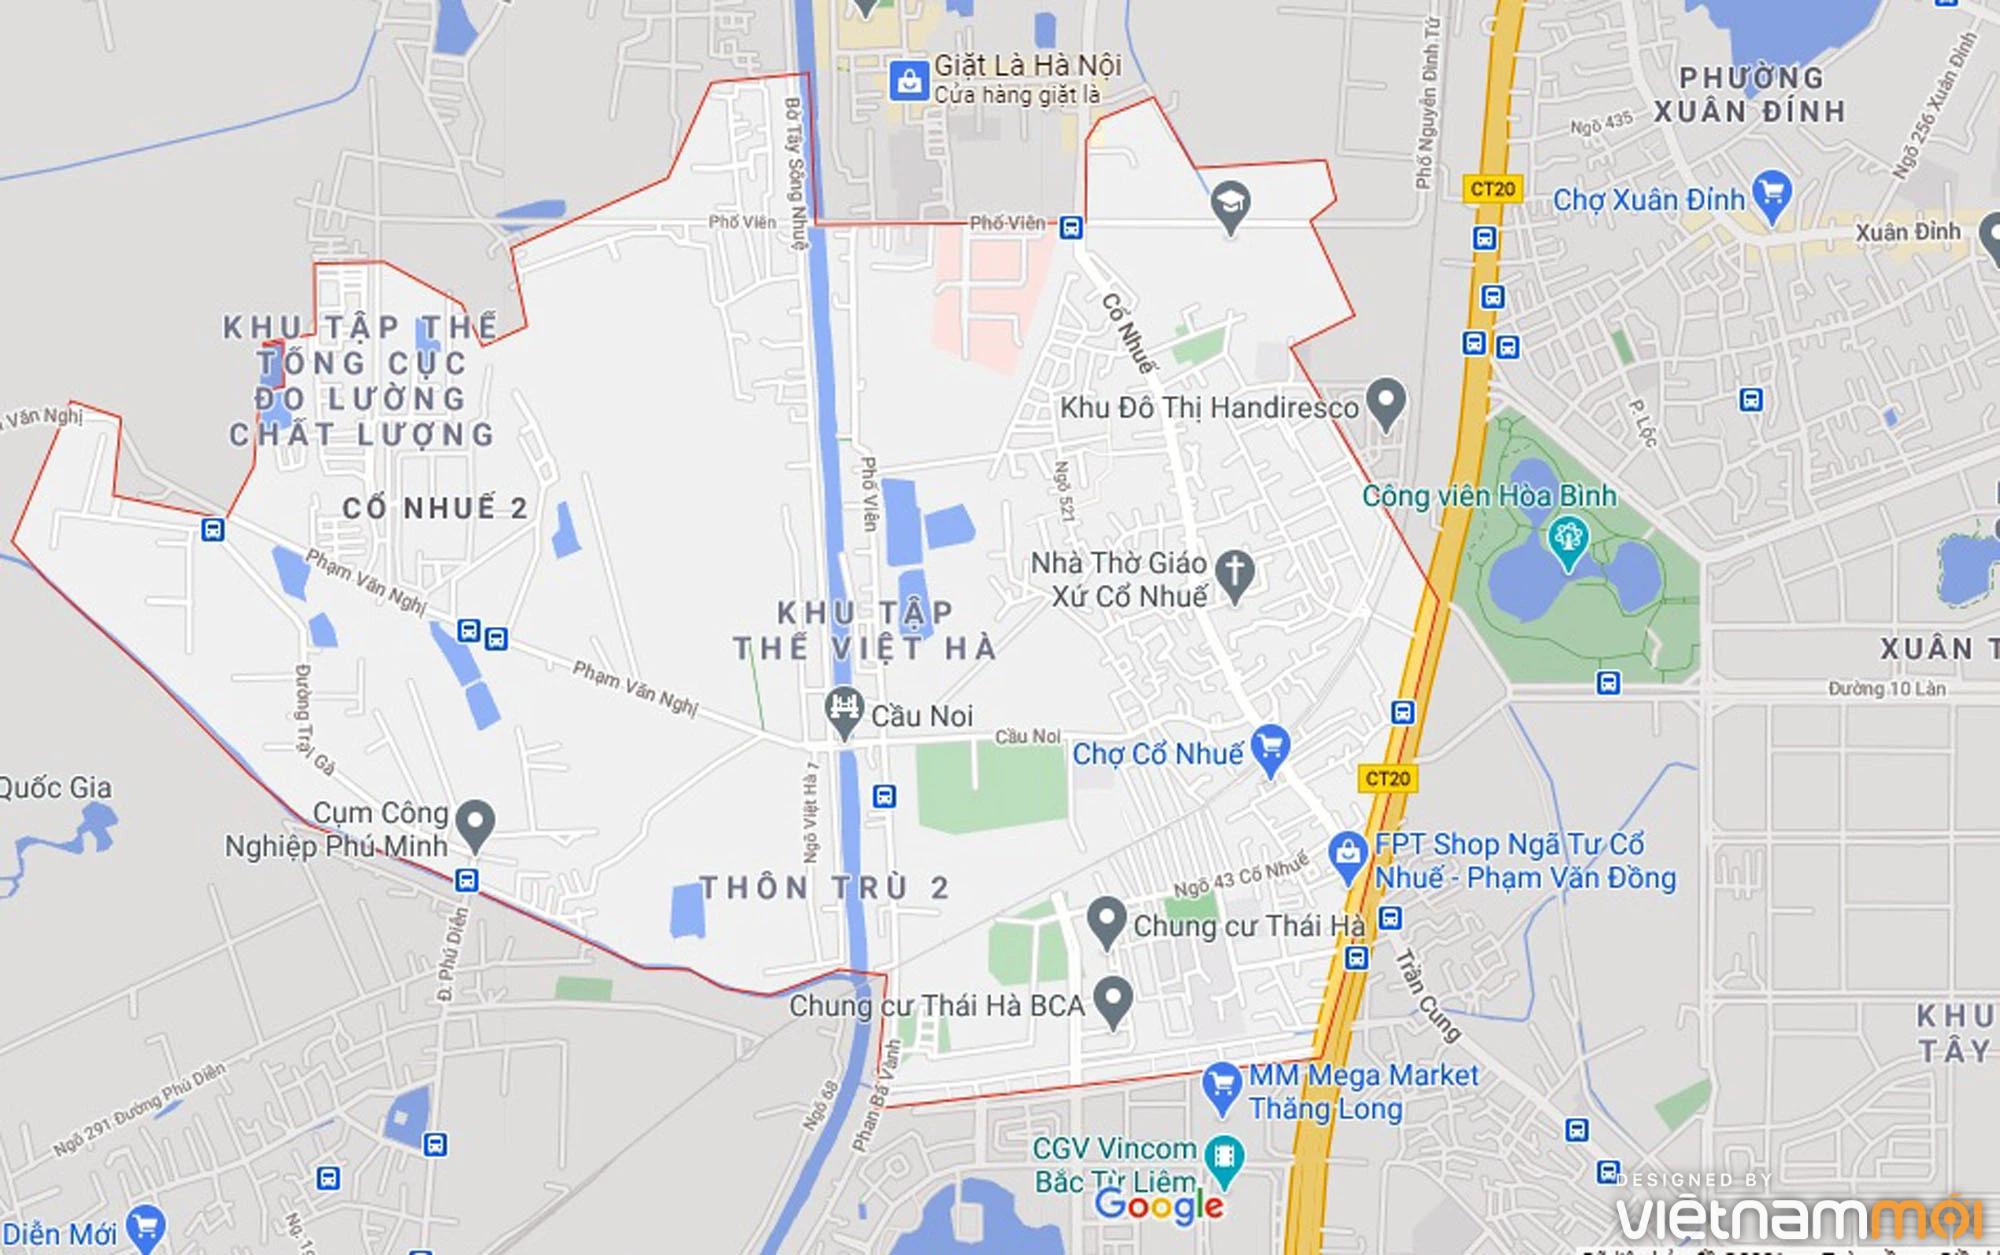 Ba đường sẽ mở theo qui hoạch ở phường Cổ Nhuế 2, Bắc Từ Liêm, Hà Nội (phần 2) - Ảnh 1.